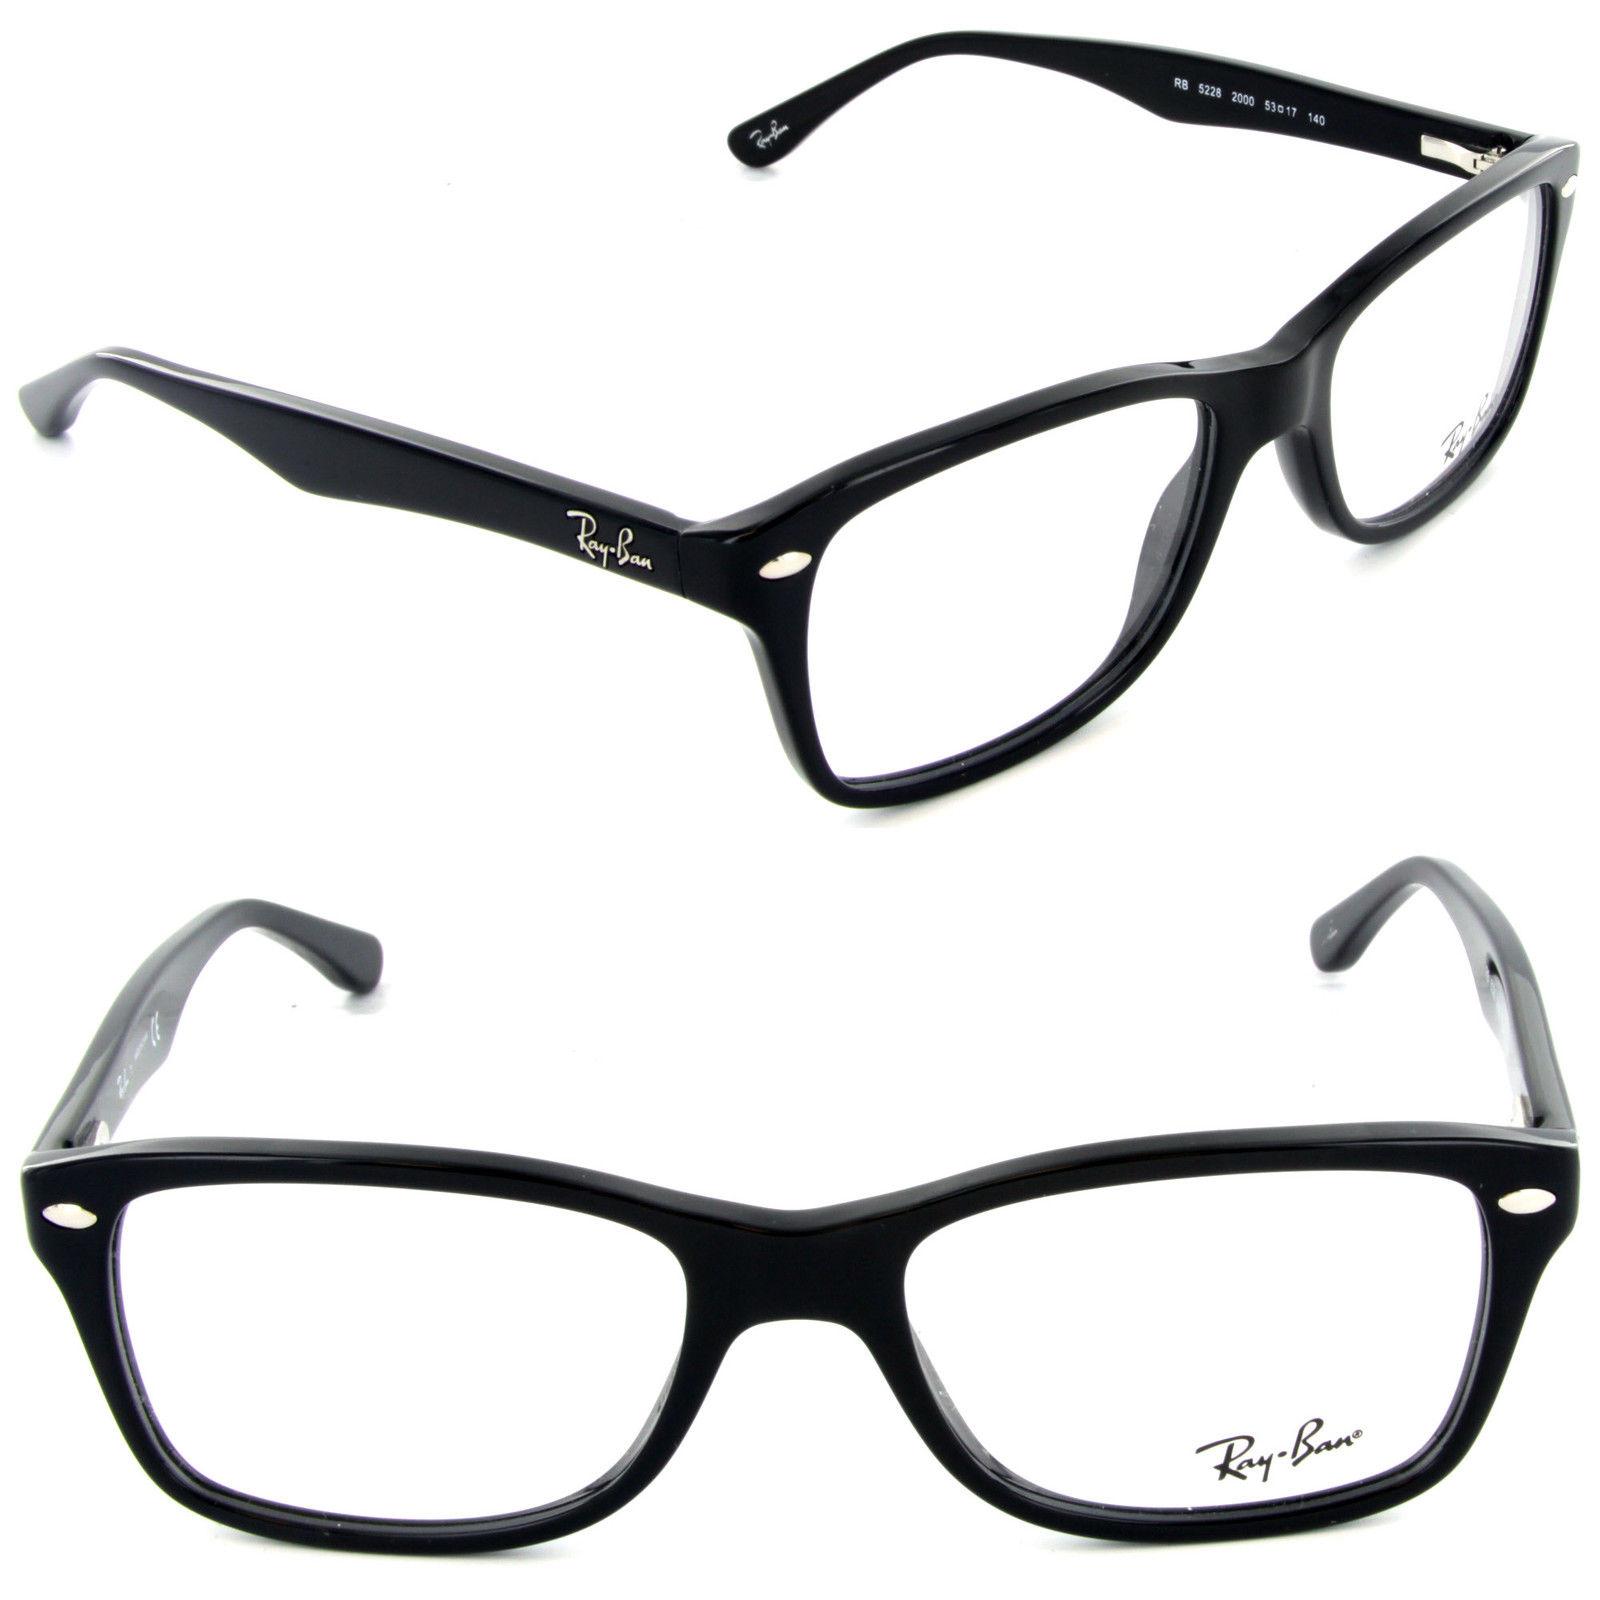 Ray Ban RX5228F 2000 Black Eyeglasses